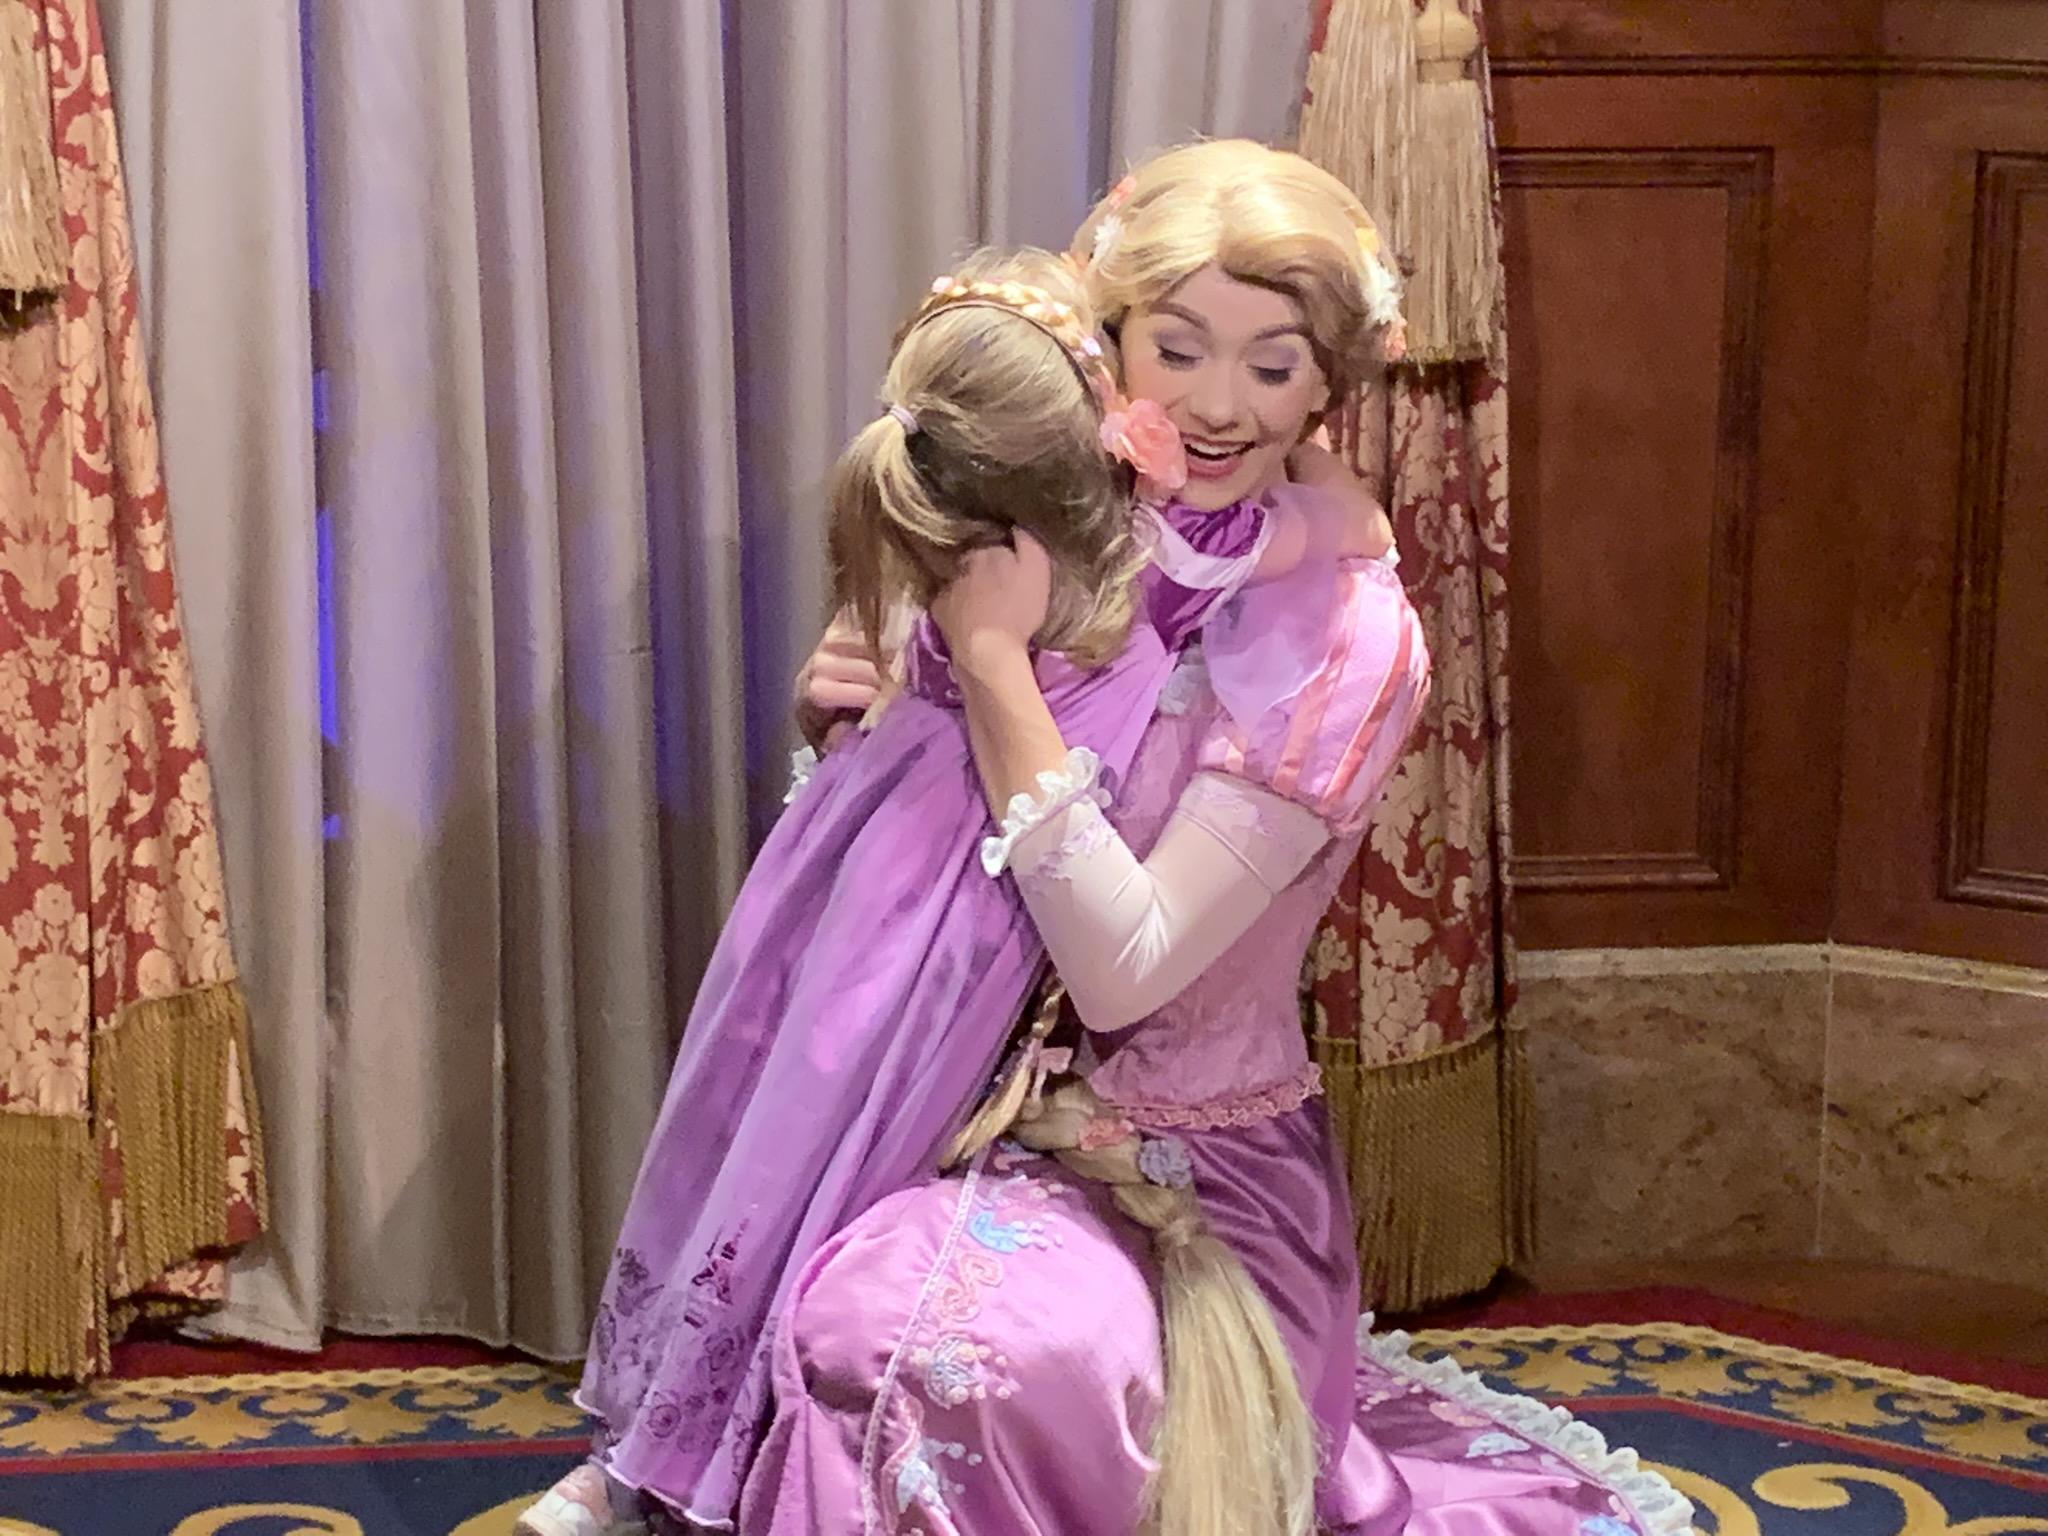 Meeting Rapunzel a highlight of the trip!